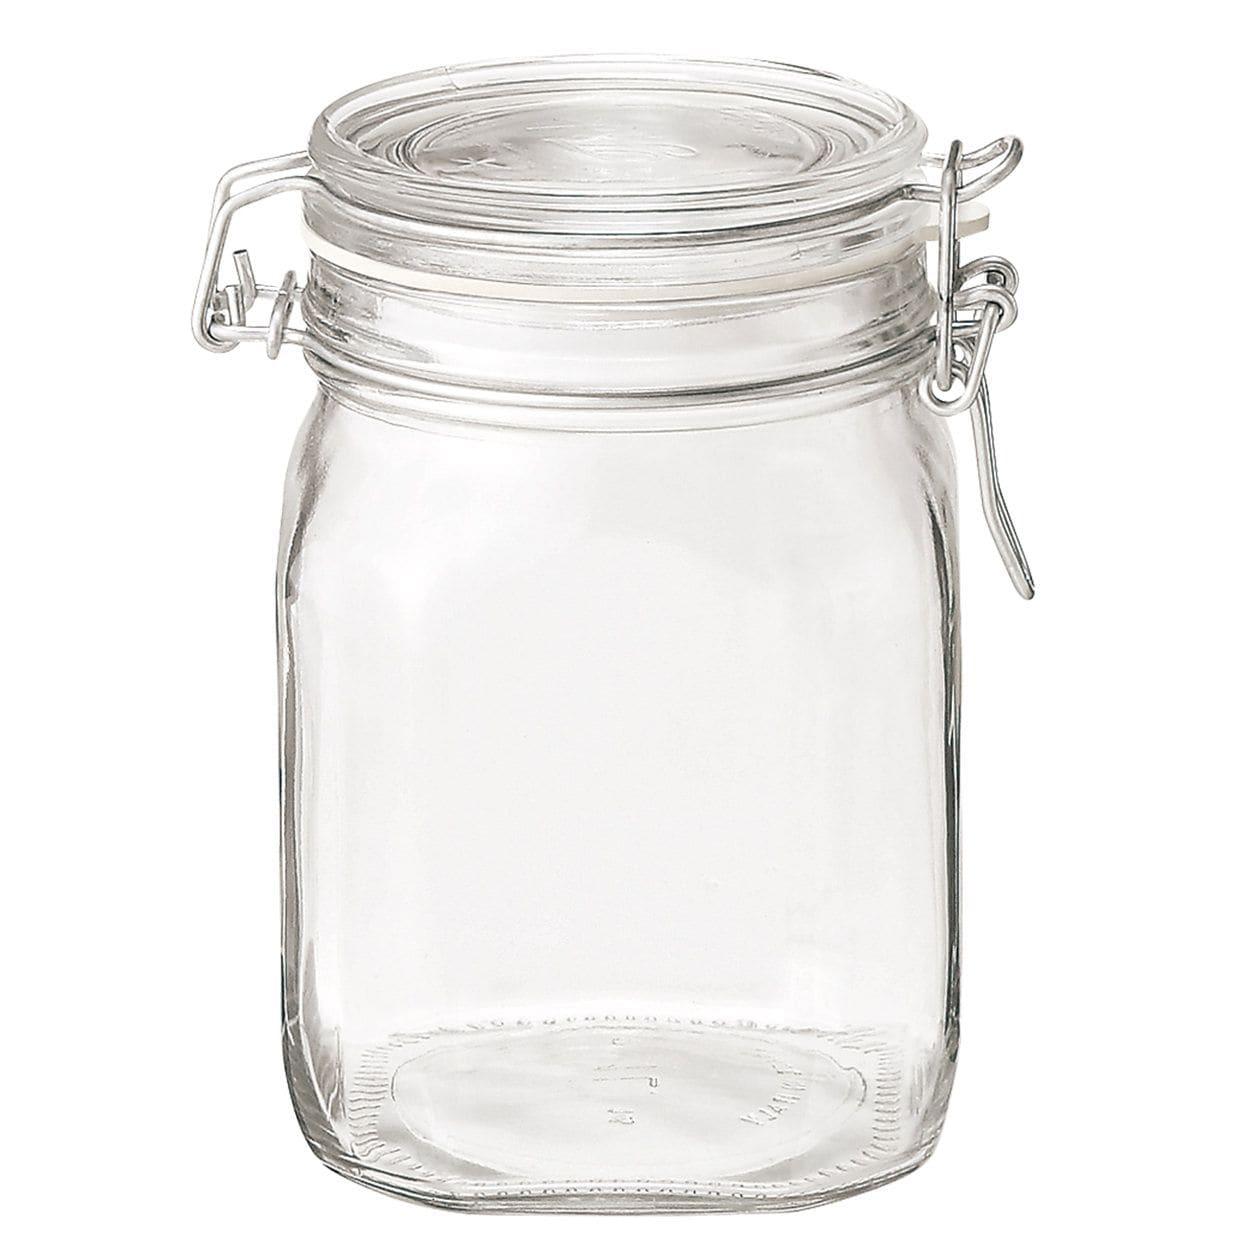 ソーダガラス密封ビン 約1000ml